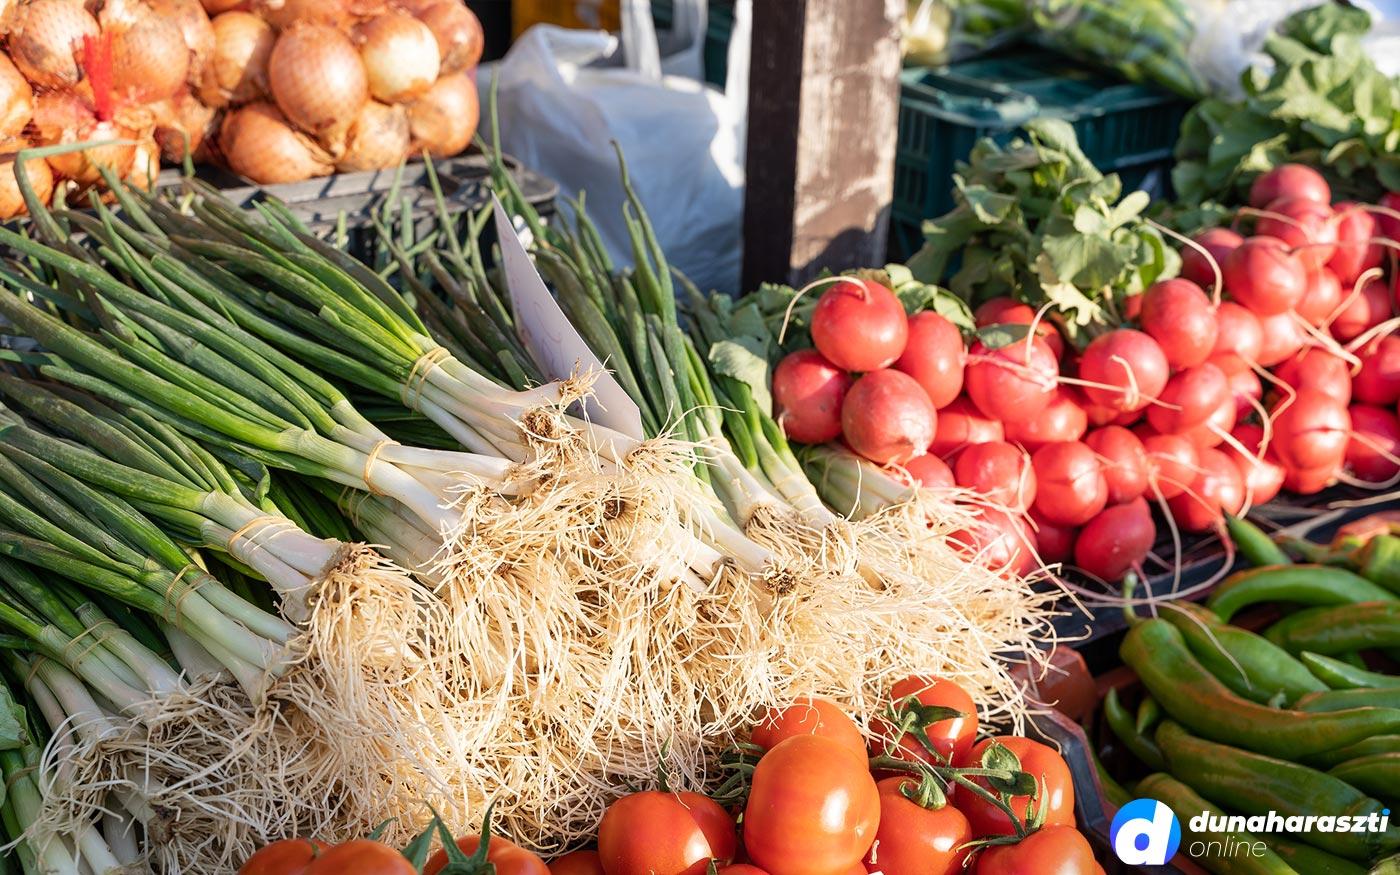 Friss árak Dunaharaszti piacáról